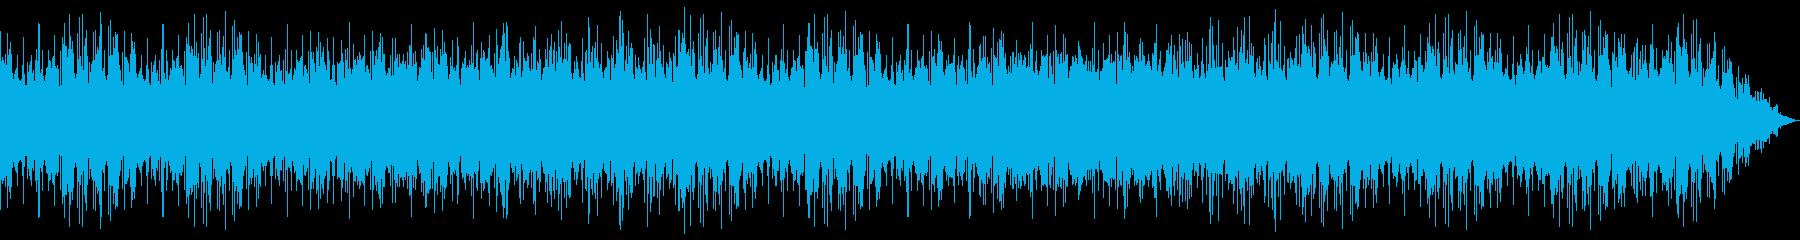 不穏なインストヒップホップの再生済みの波形